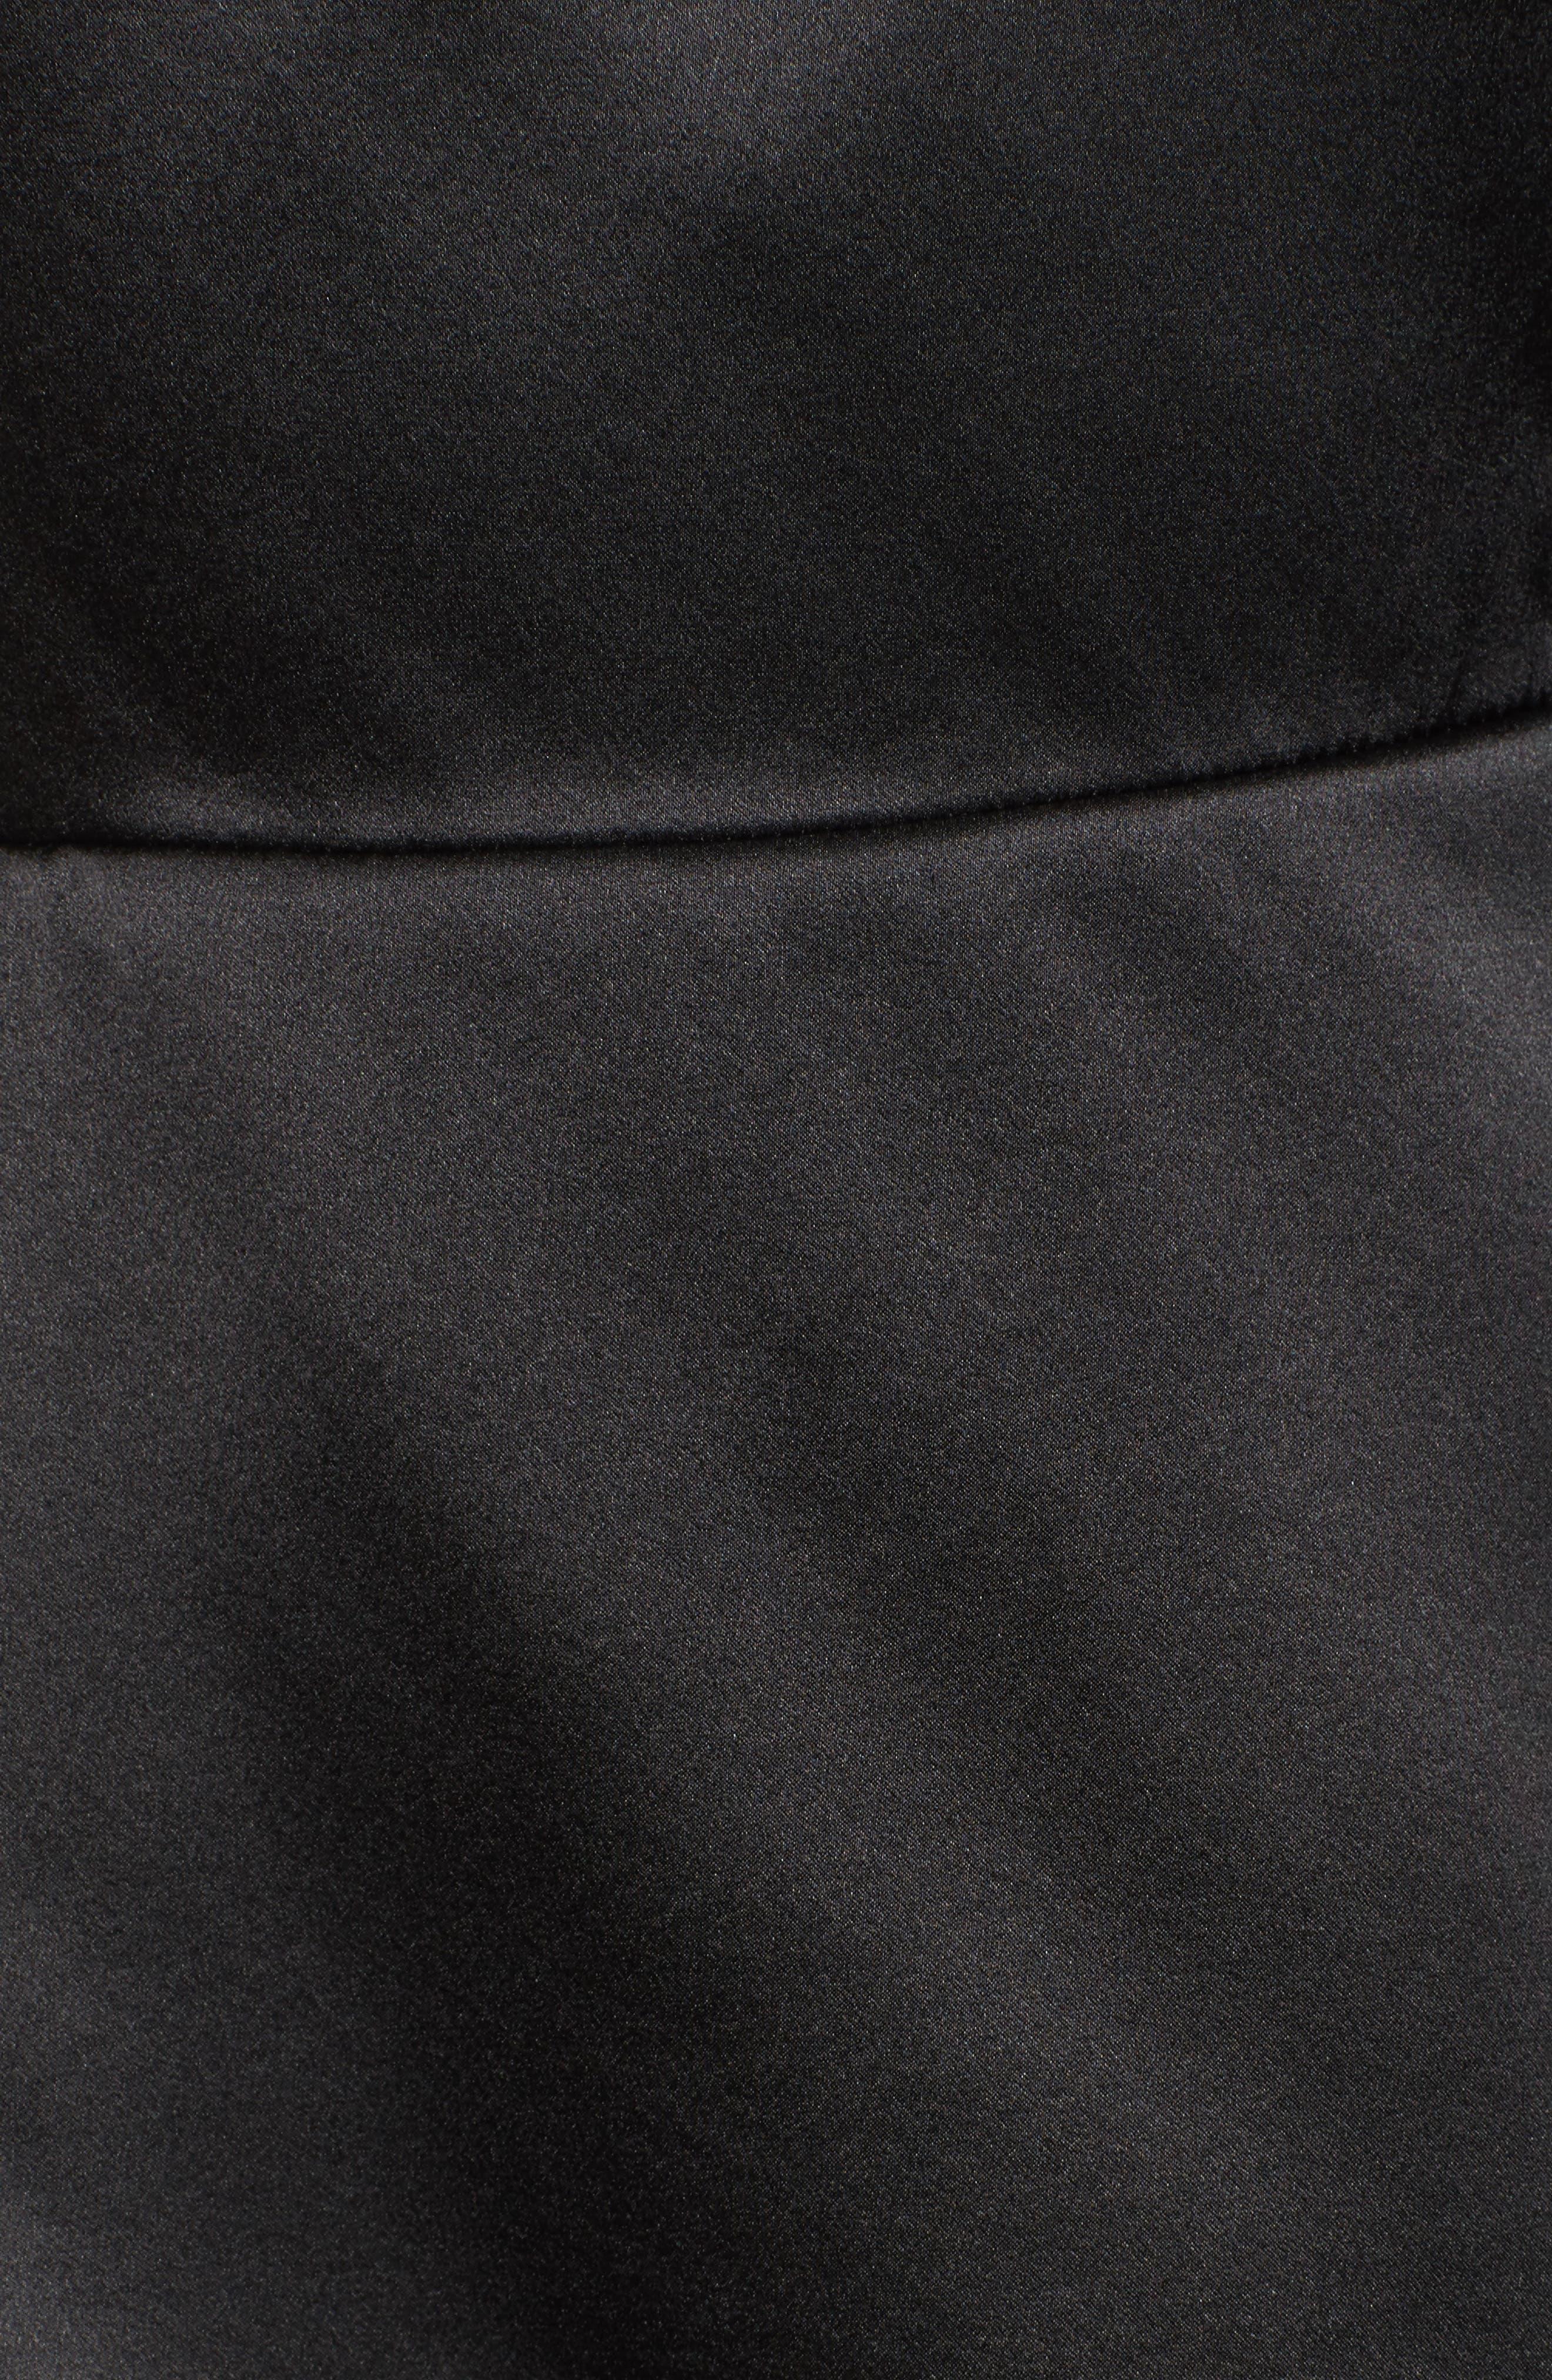 Cache One-Shoulder Silk Blouse,                             Alternate thumbnail 5, color,                             Black